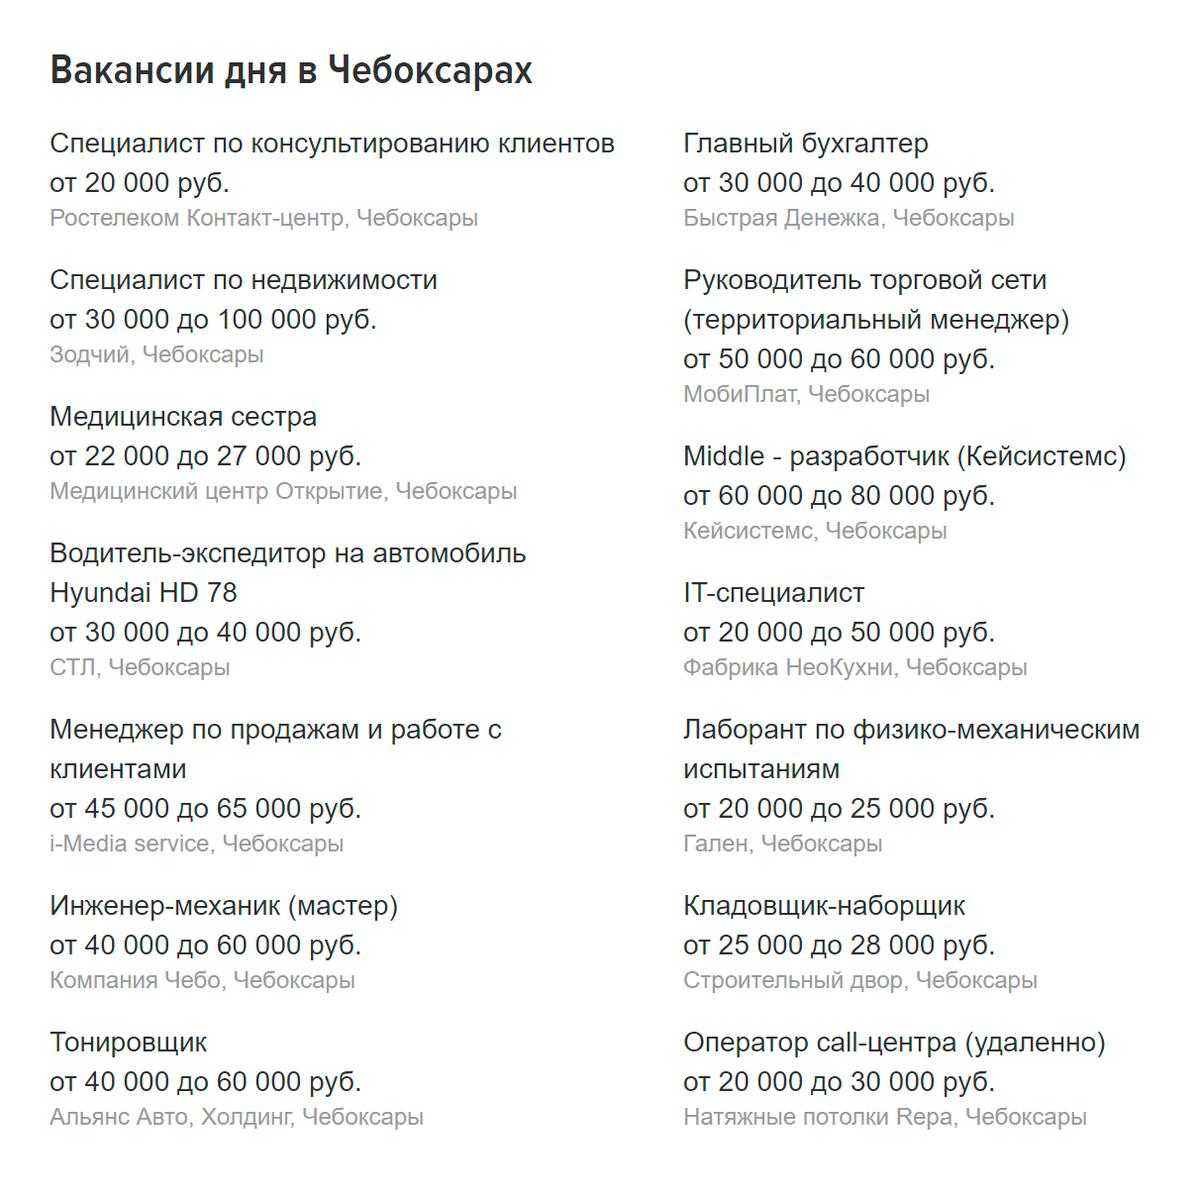 Лаборанту, оператору колцентра испециалисту поконсультированию клиентов ввакансиях предлагают от20тысяч рублей, амедсестре — от22тысяч